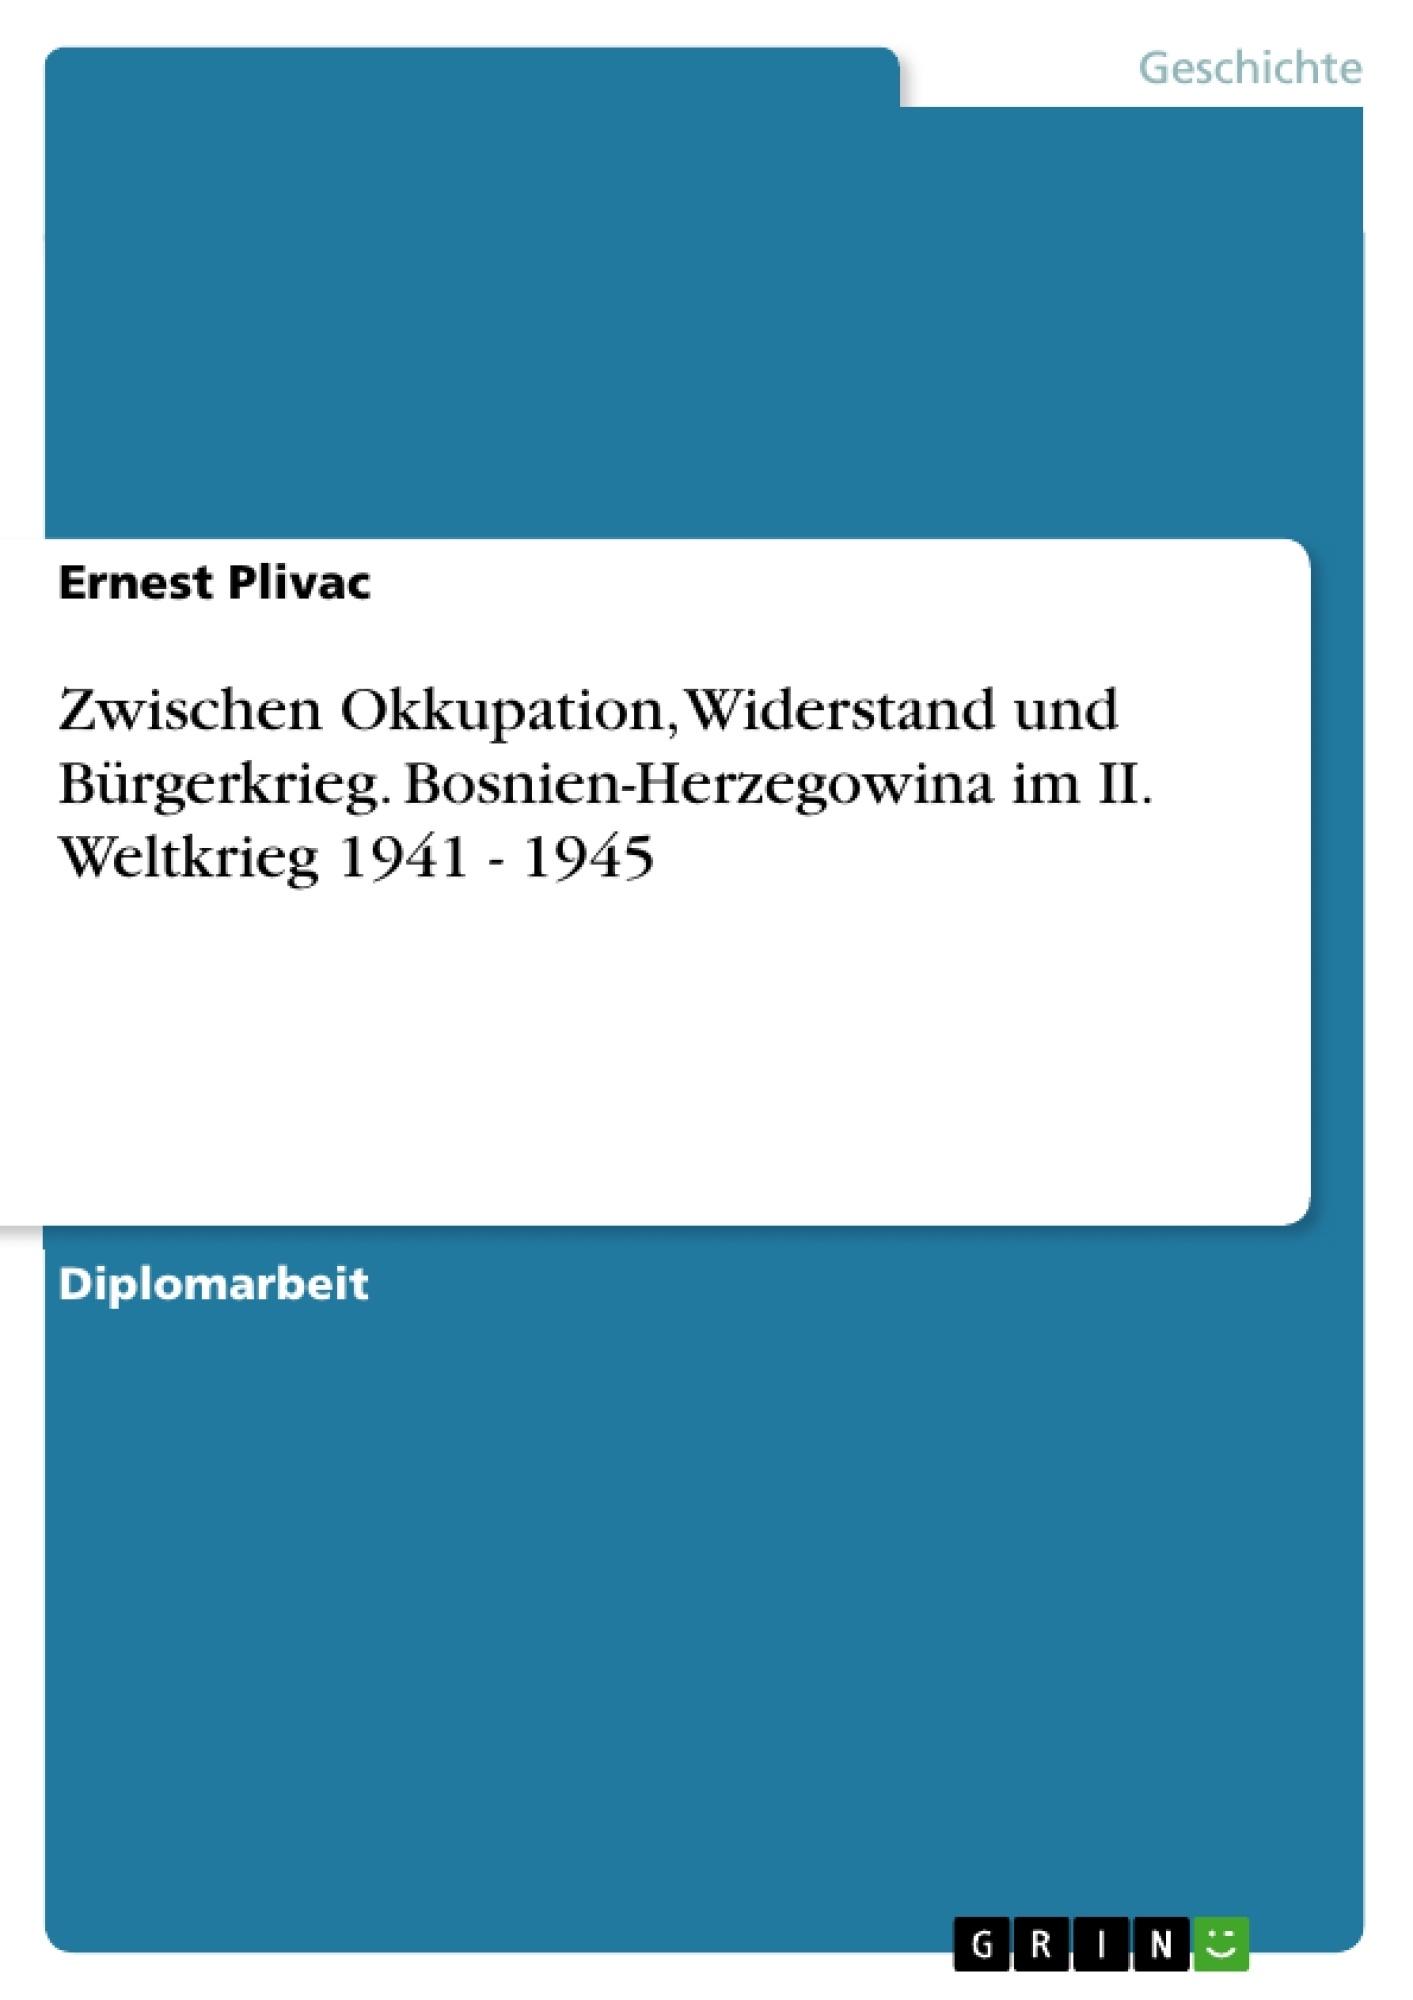 Titel: Zwischen Okkupation, Widerstand und Bürgerkrieg. Bosnien-Herzegowina im II. Weltkrieg 1941 - 1945